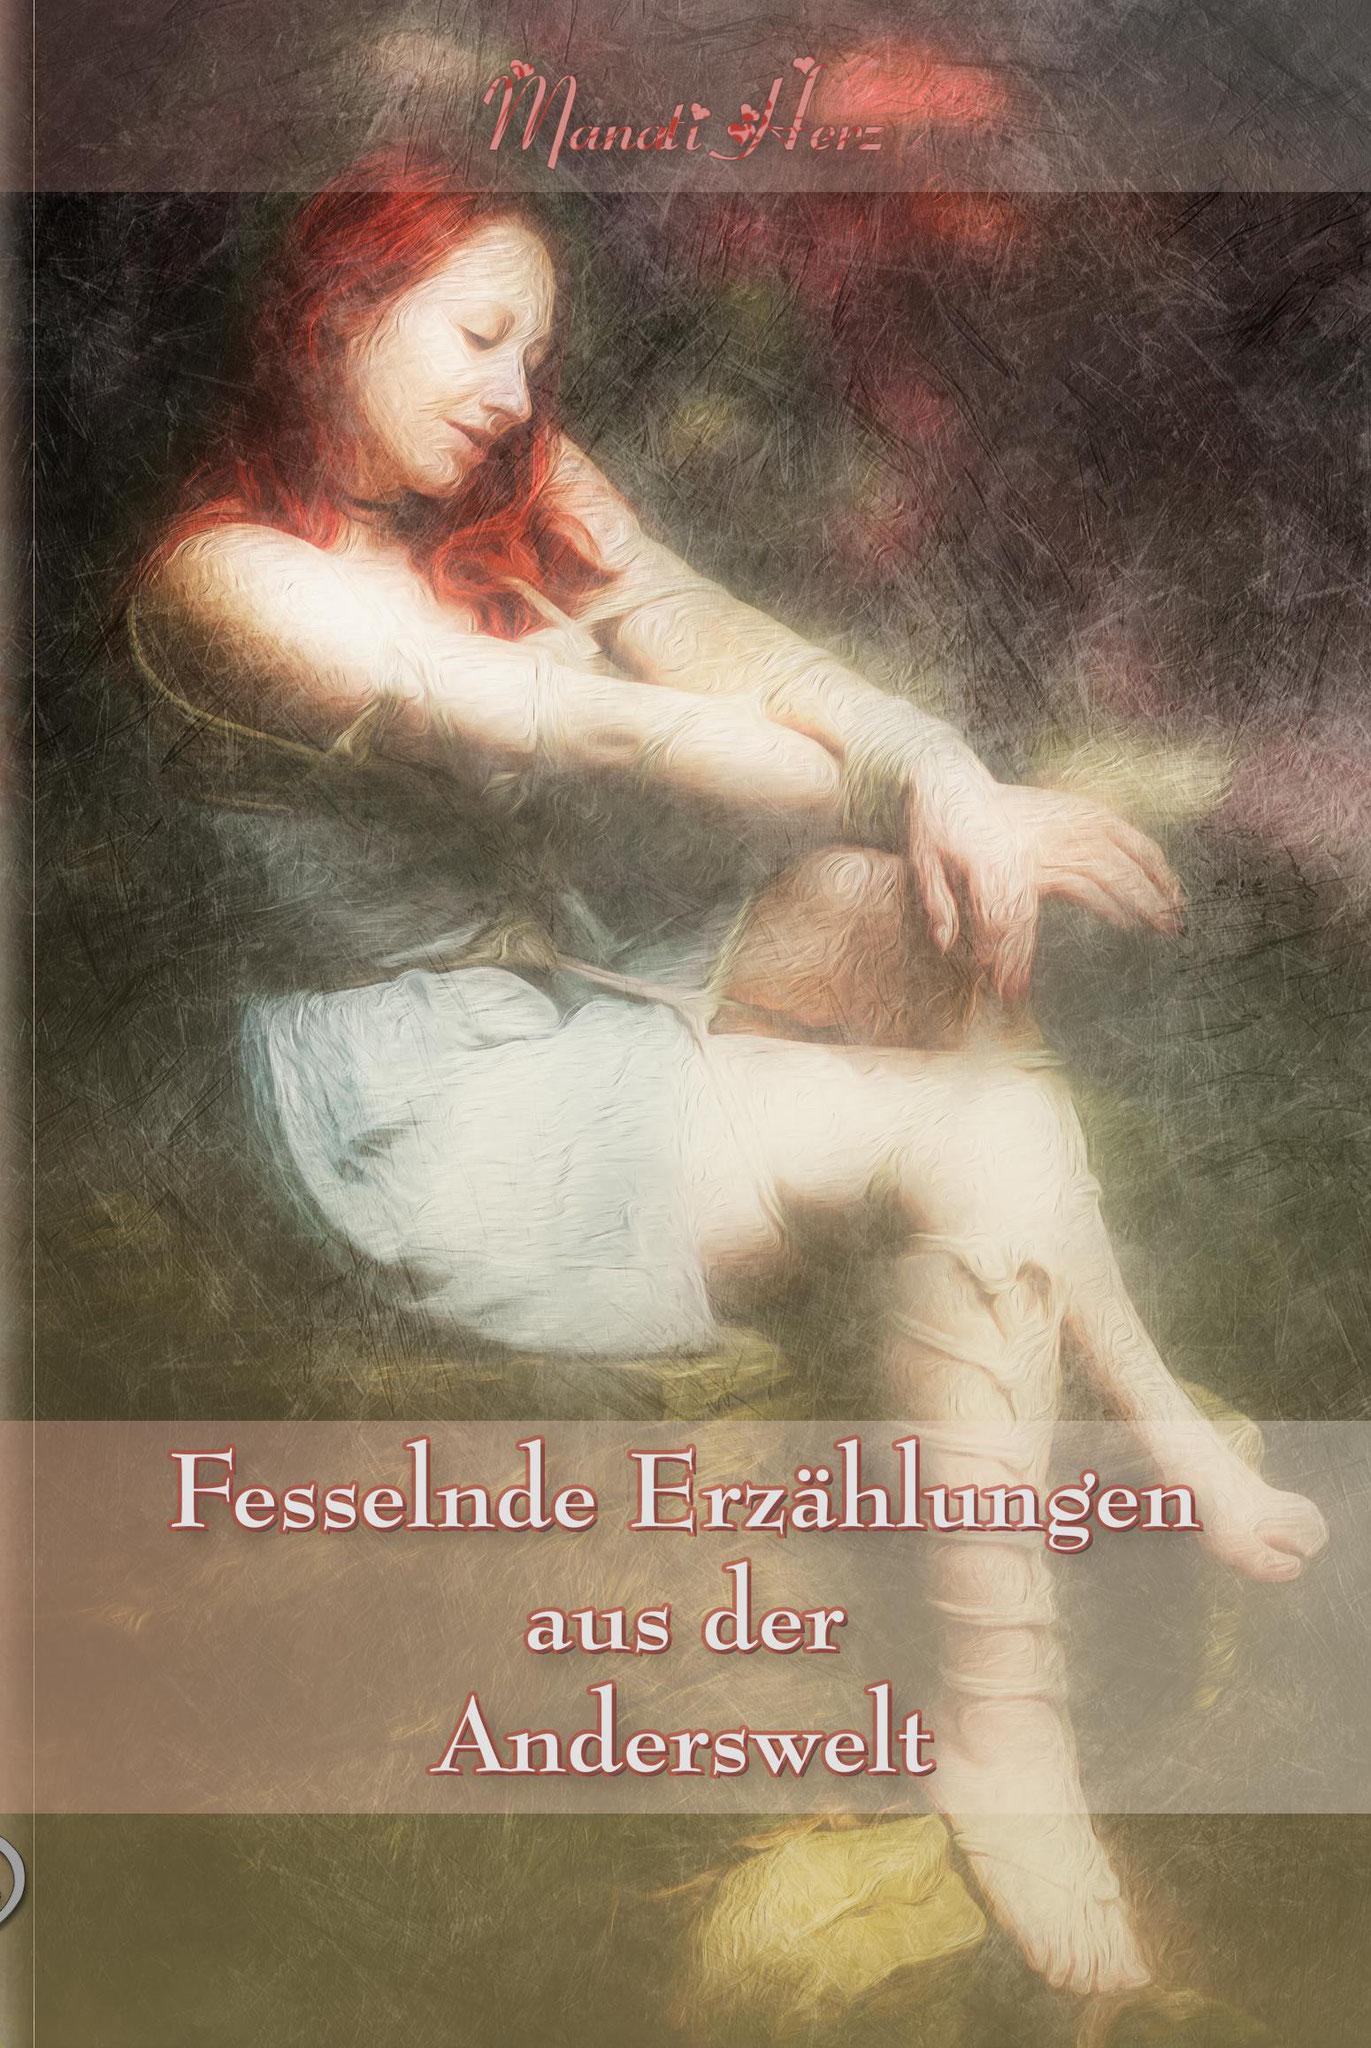 »Fesselnde Erzählungen aus der Anderswelt«, Fantasyroman von Manati Herz